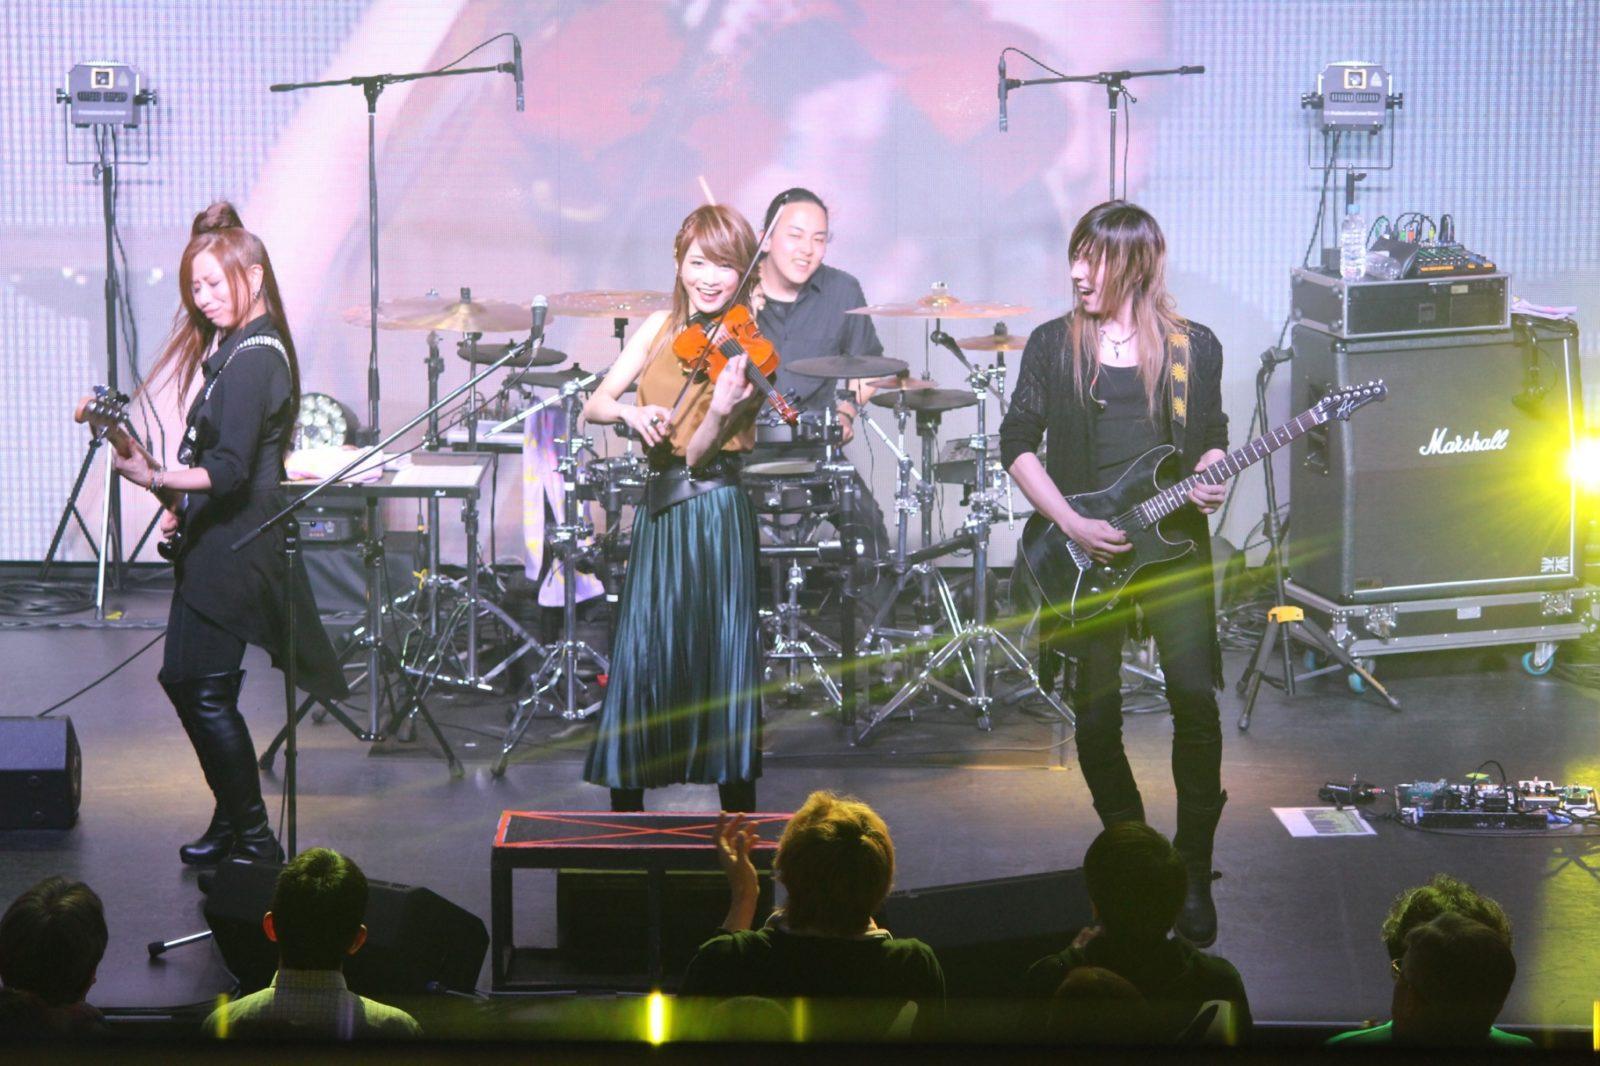 ロックヴァイオリニストAyasa、GWにツアーも含め13公演を開催サムネイル画像